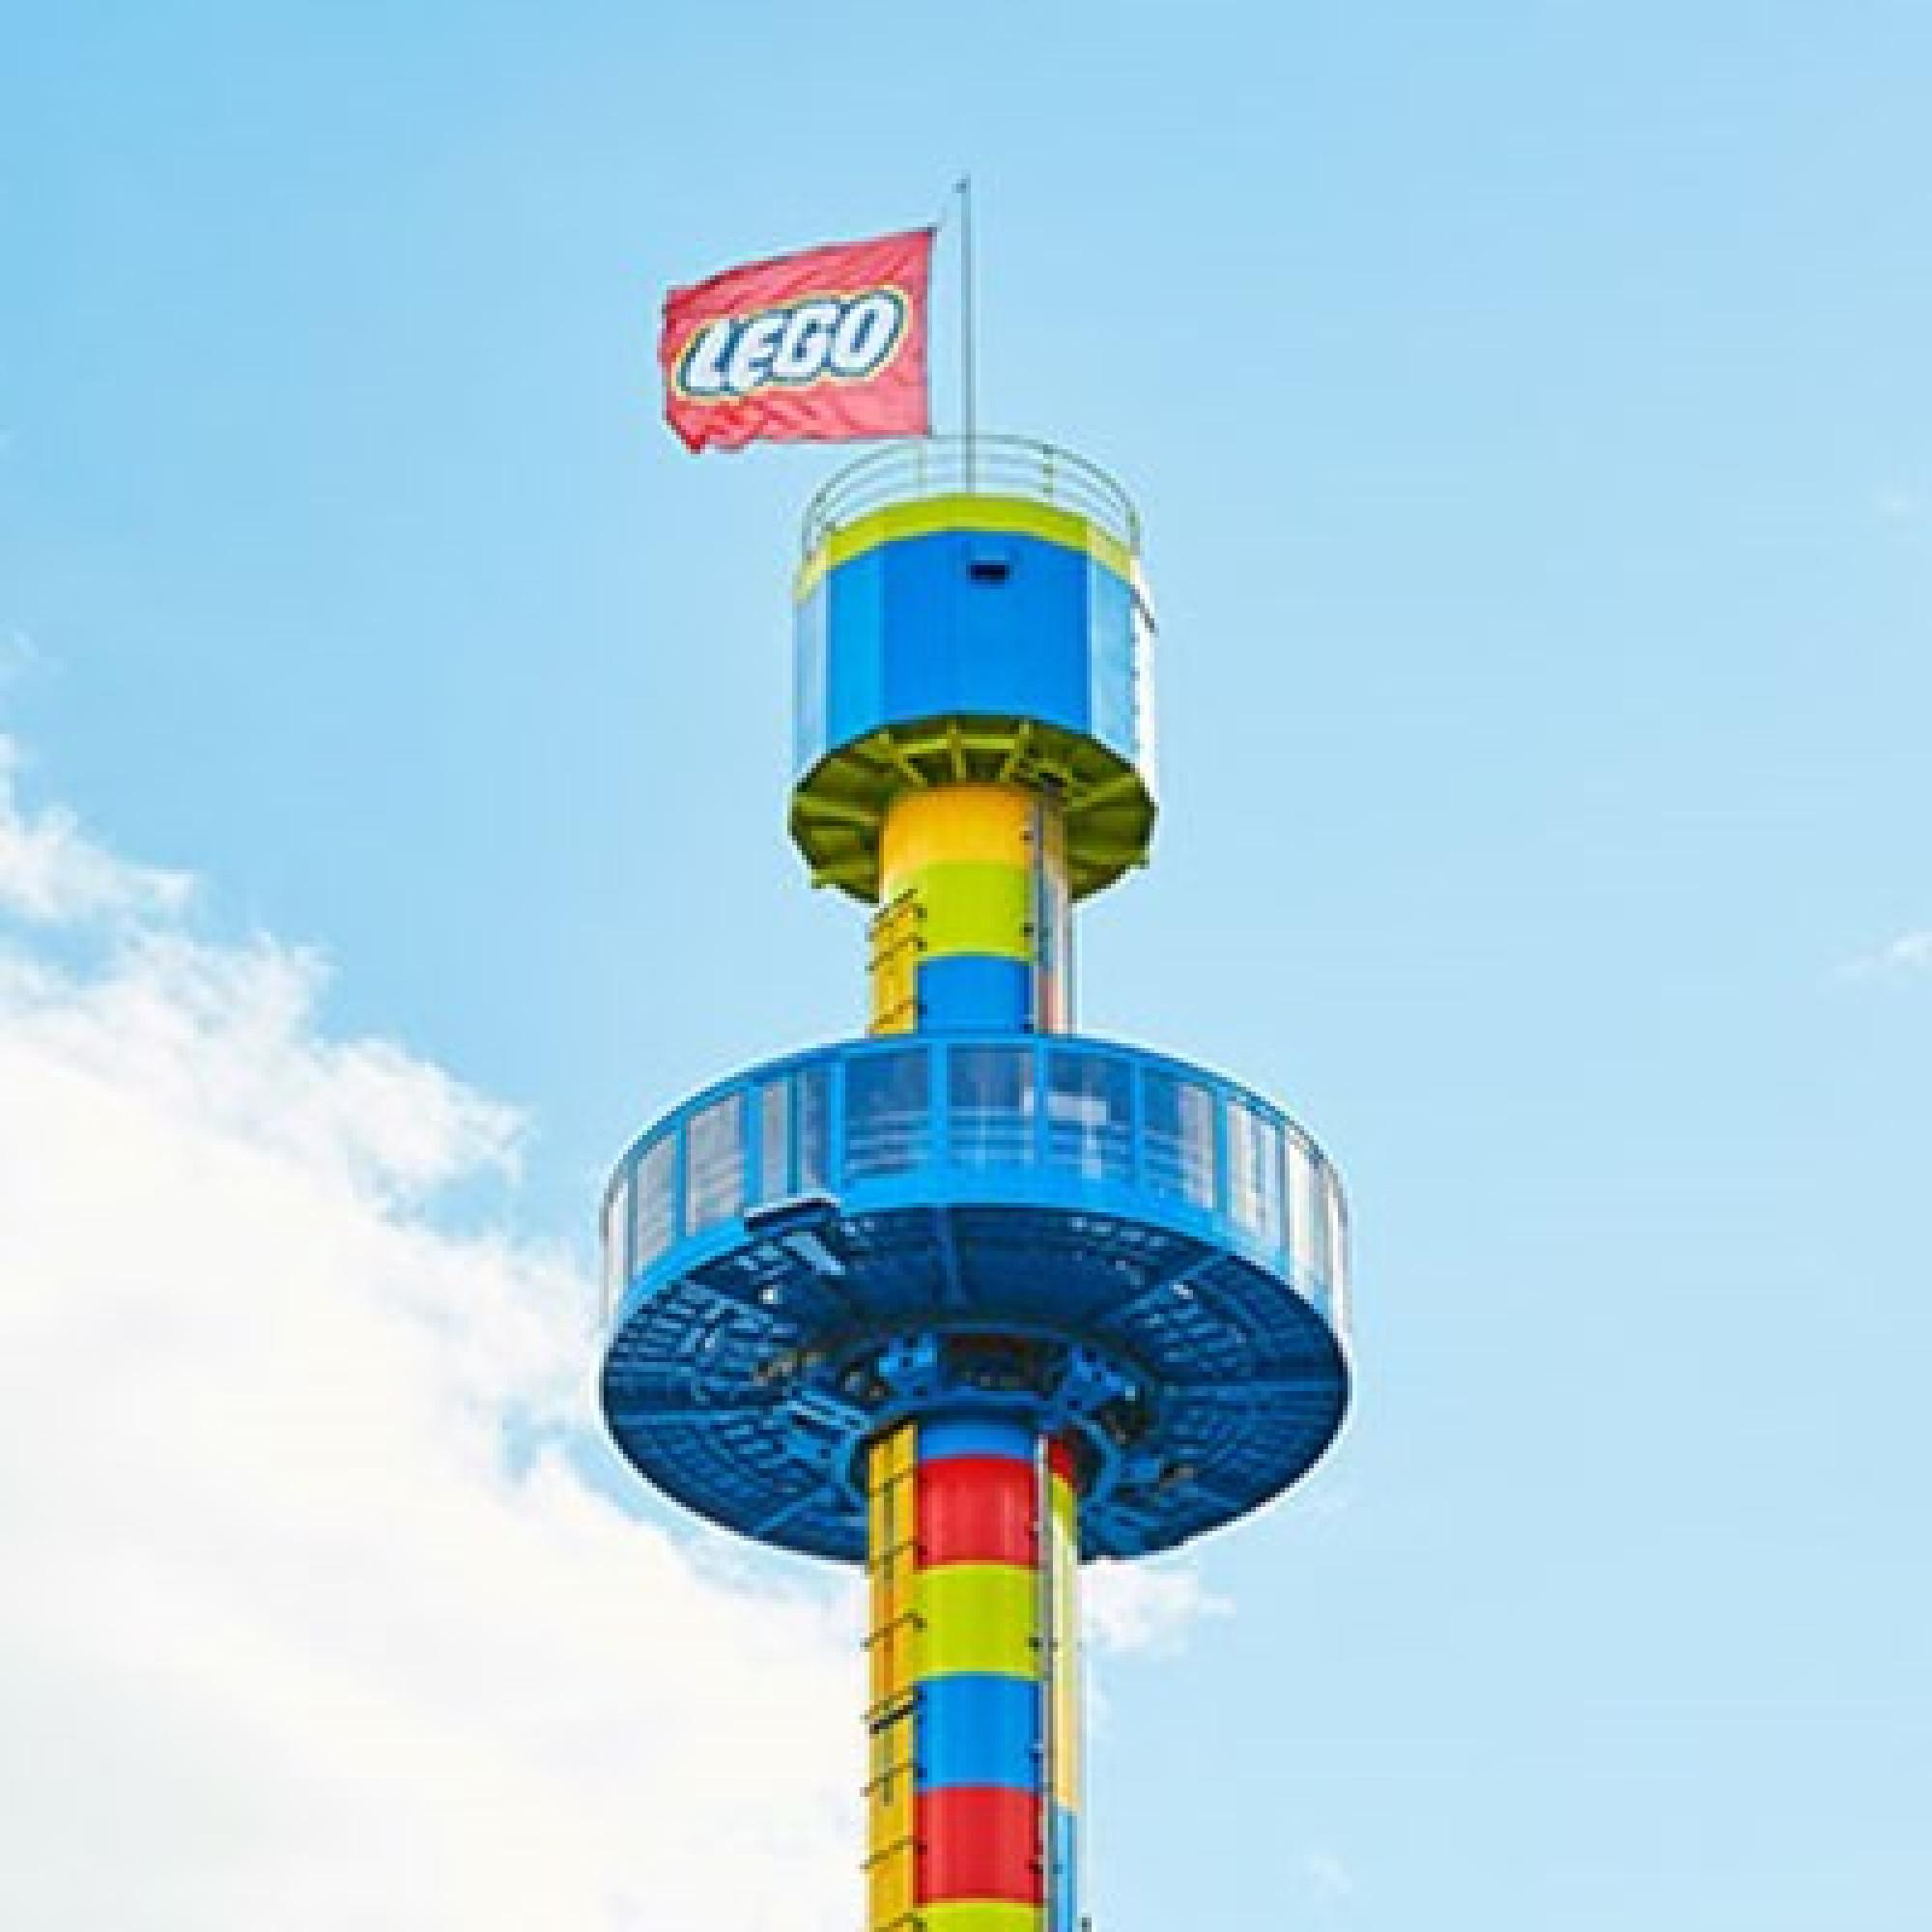 シンボルでもあるオブザベーション・タワー